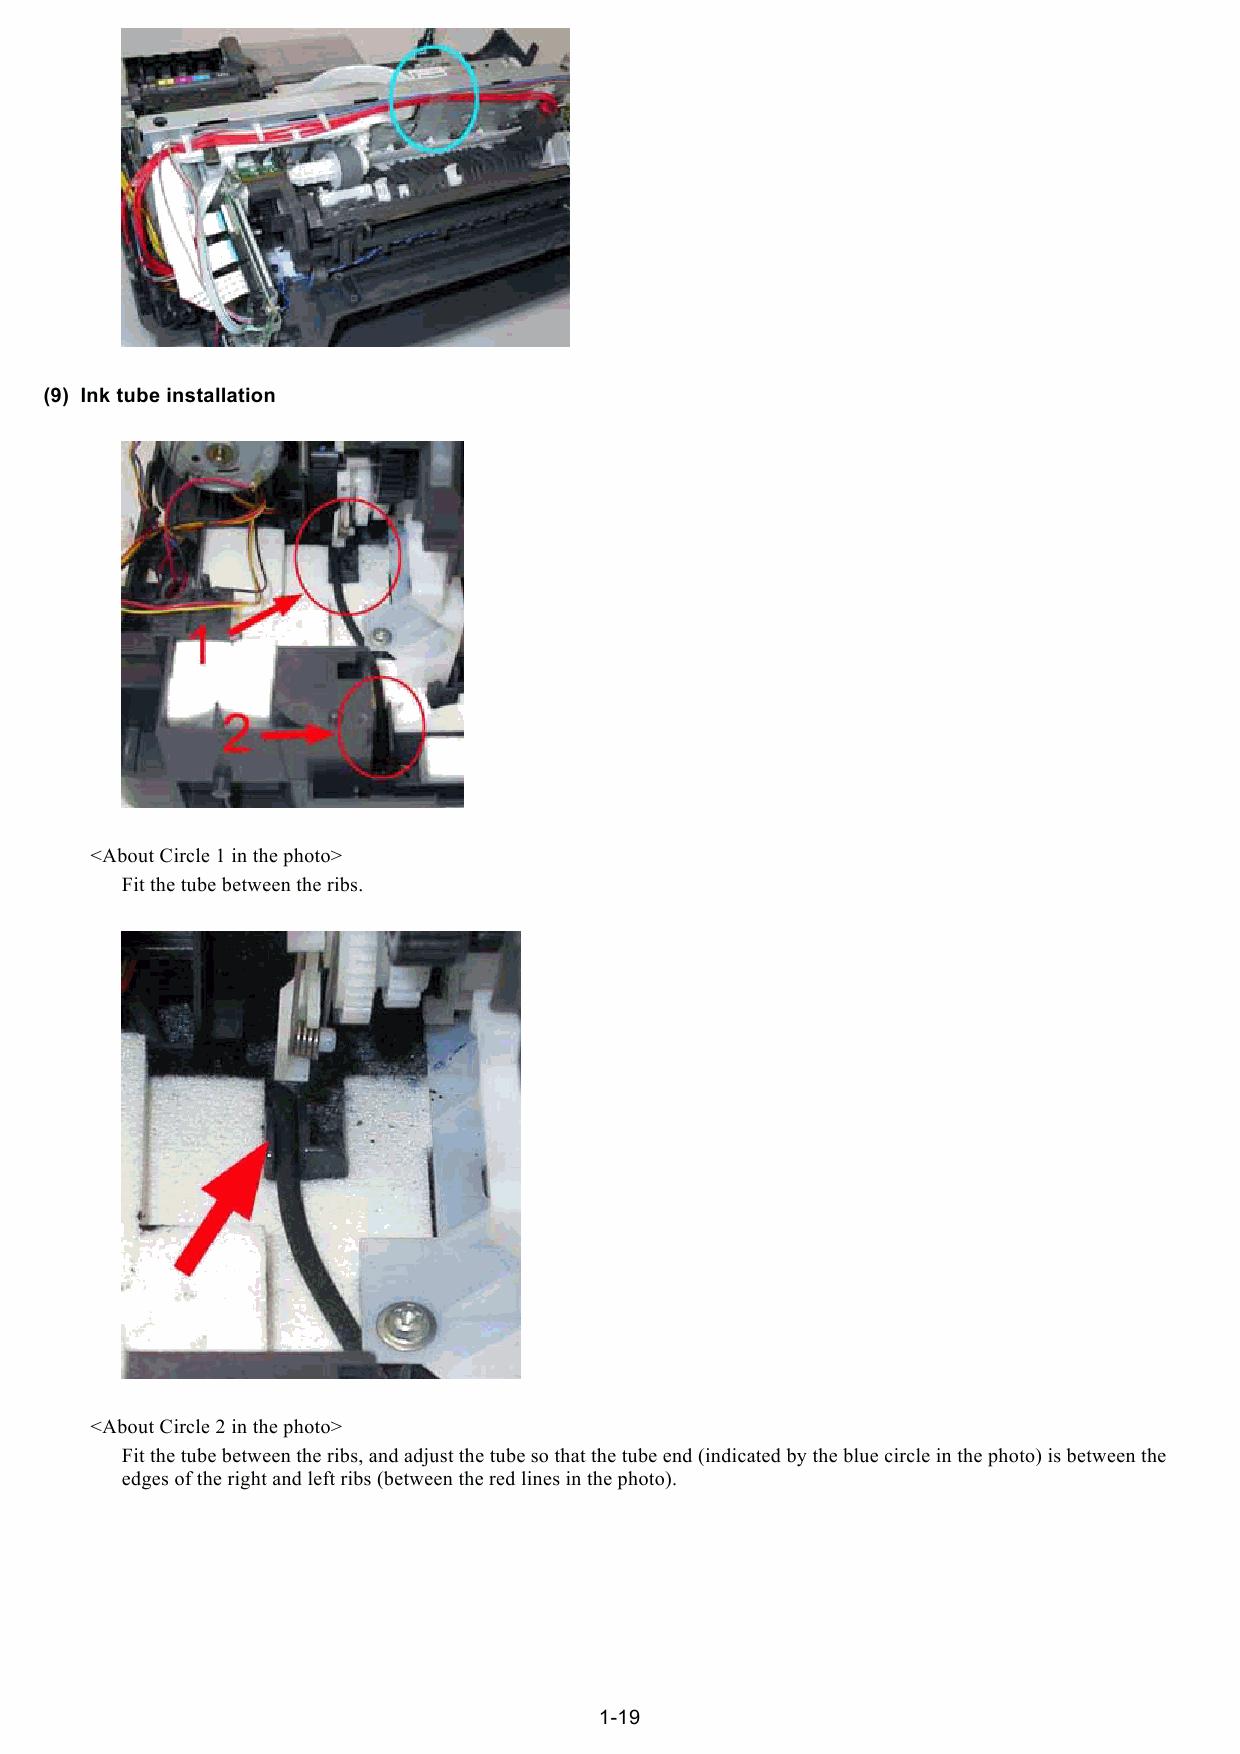 Canon PIXMA MP510 Service Manual-4